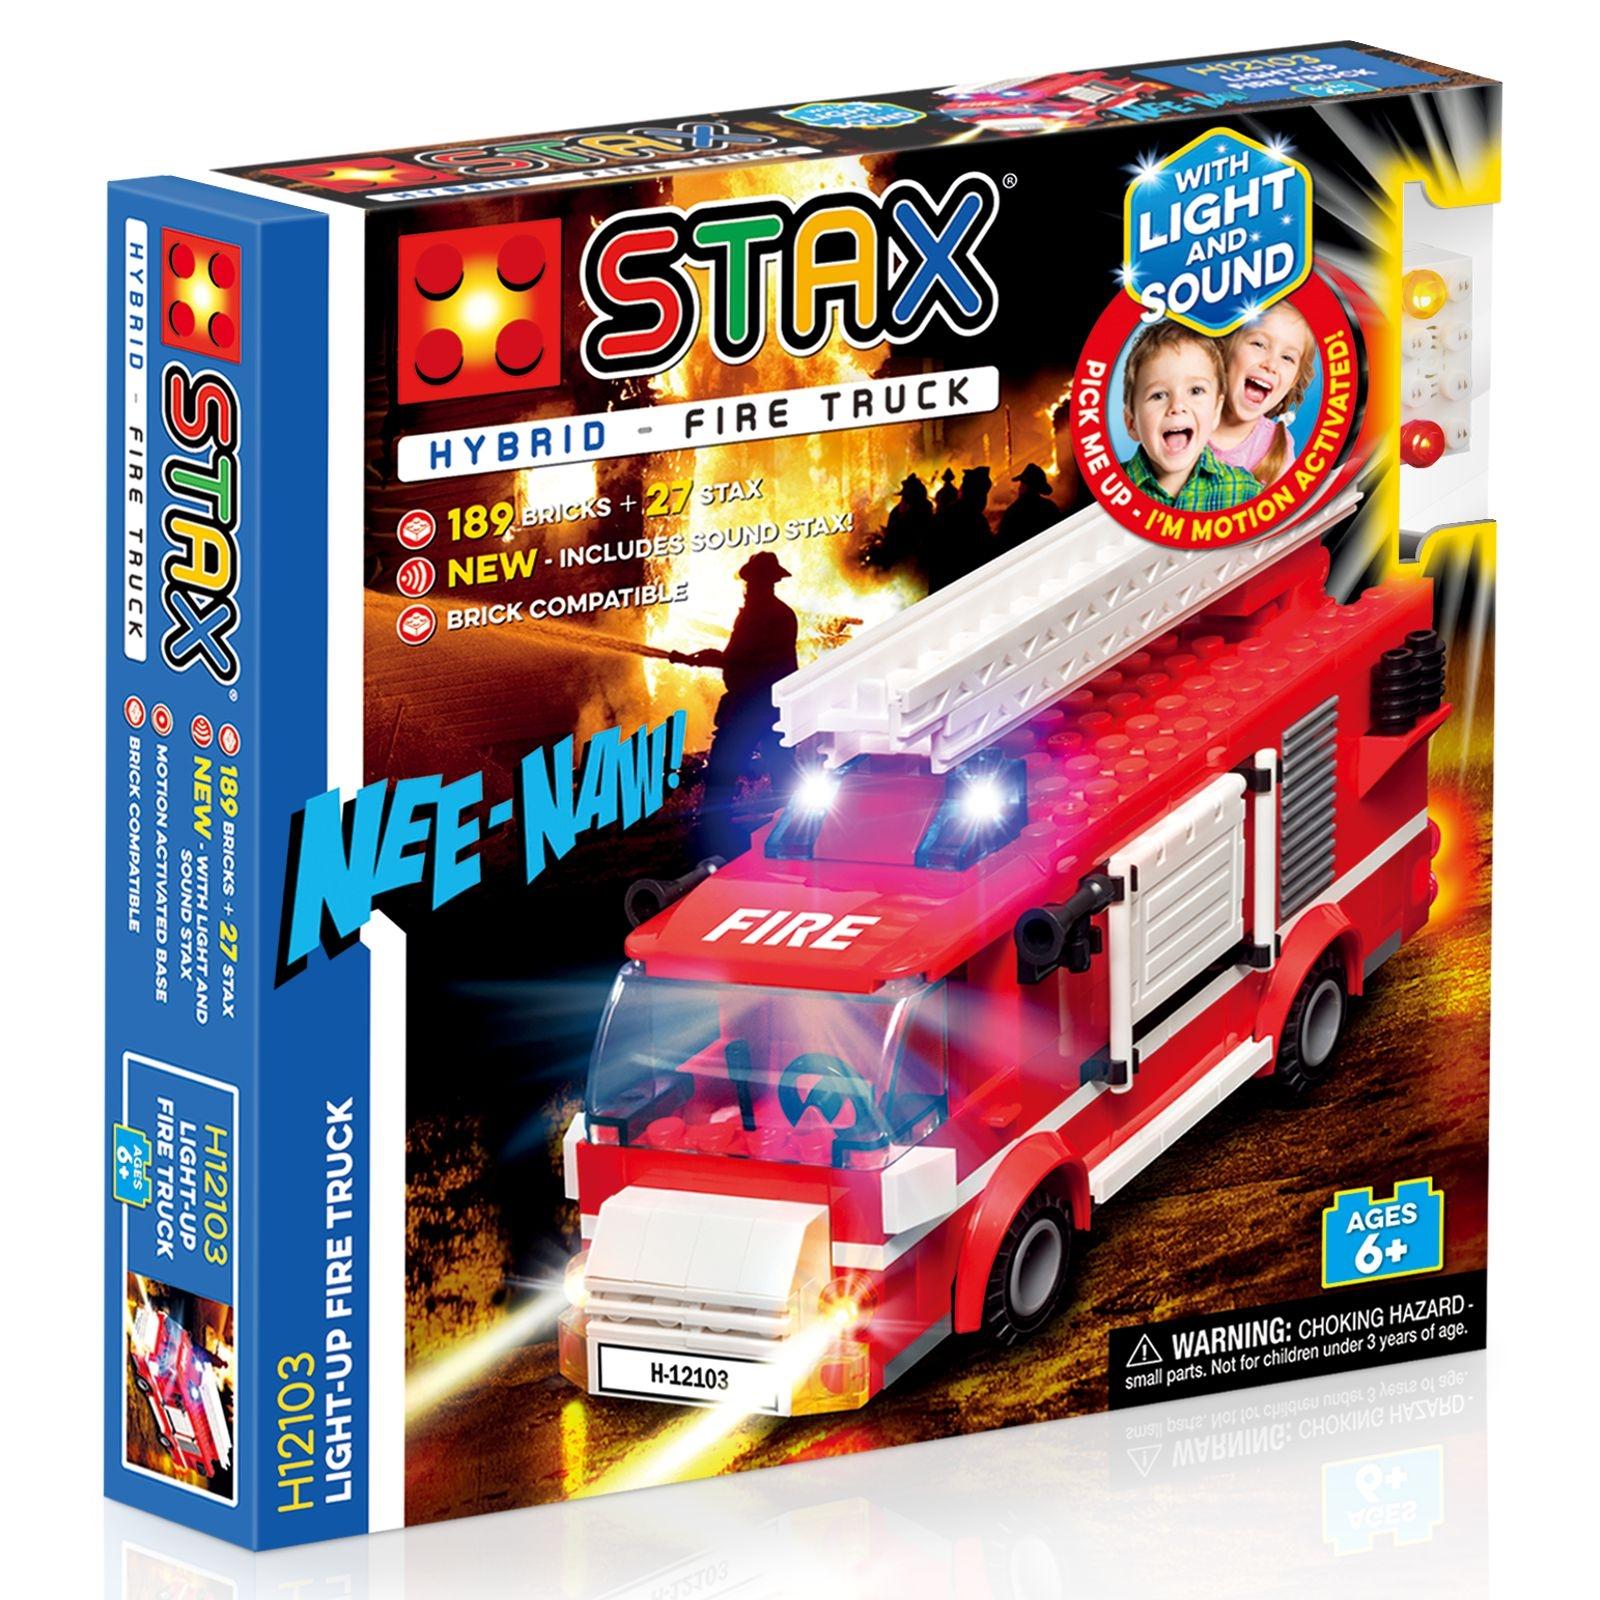 STAX Hybrid Fire Truck - Παιχνίδι-Πυροσβεστικό Με Φωτάκια LED (H12103)